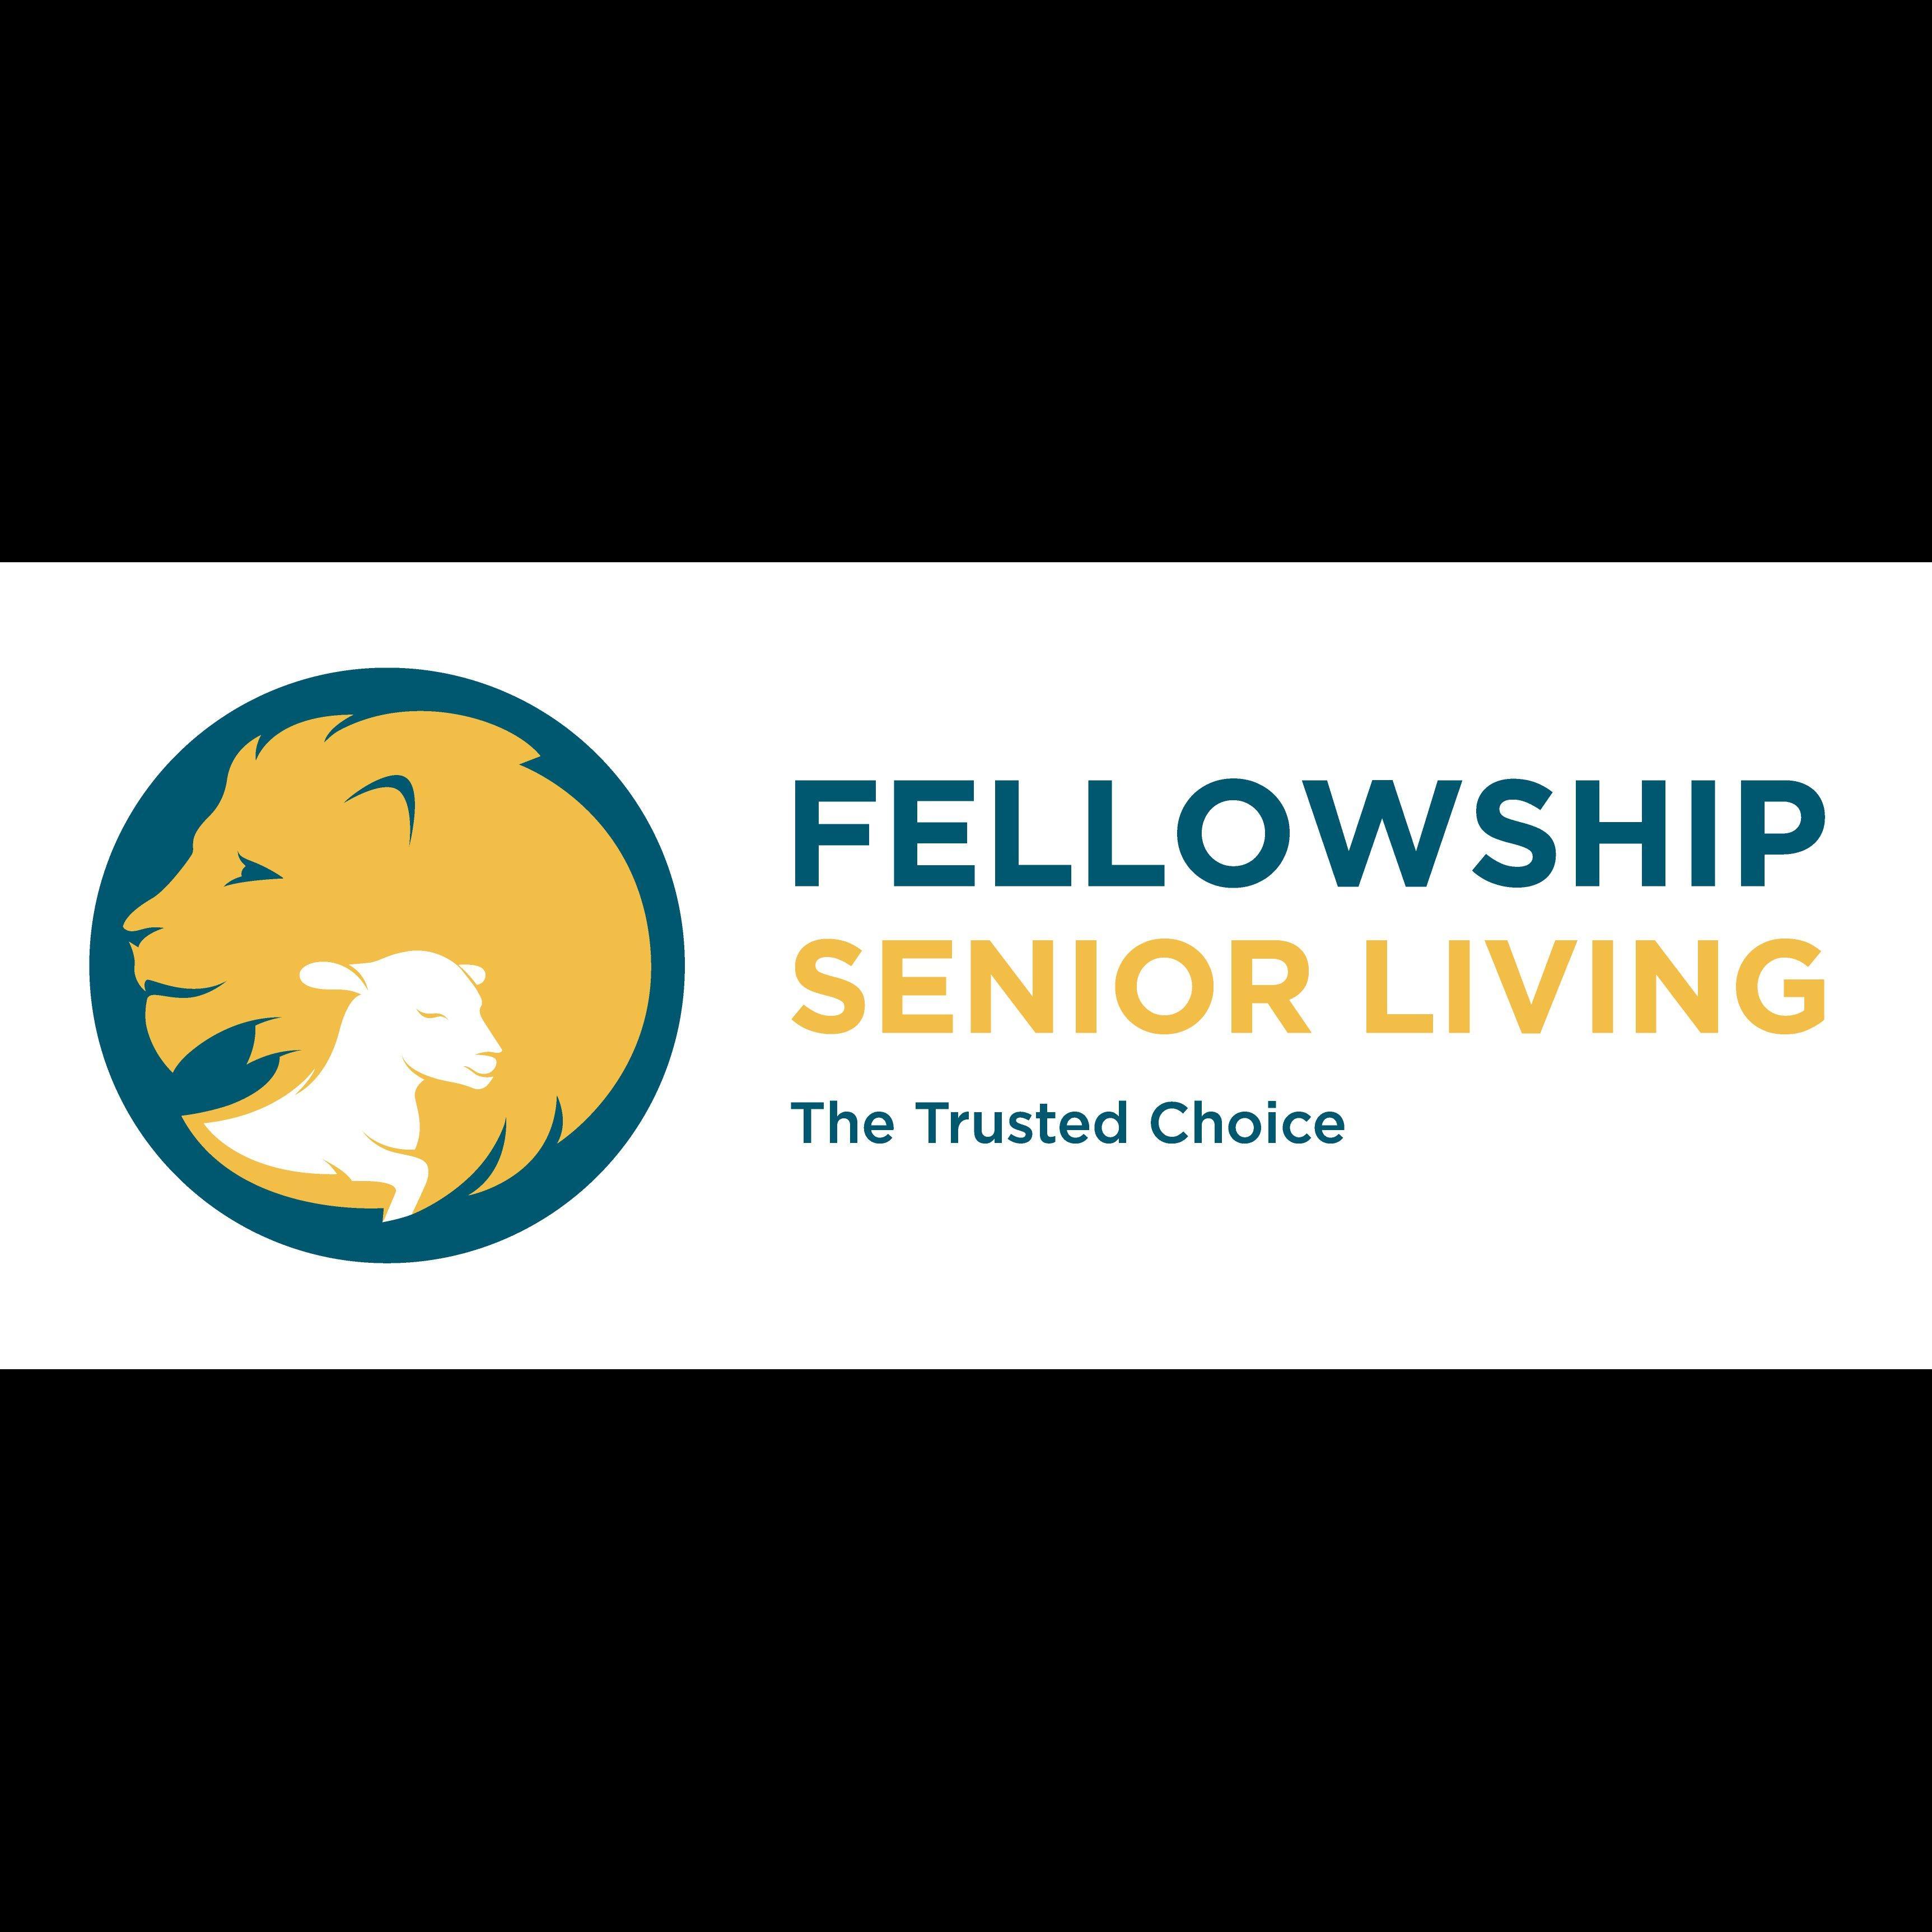 Fellowship Senior Living